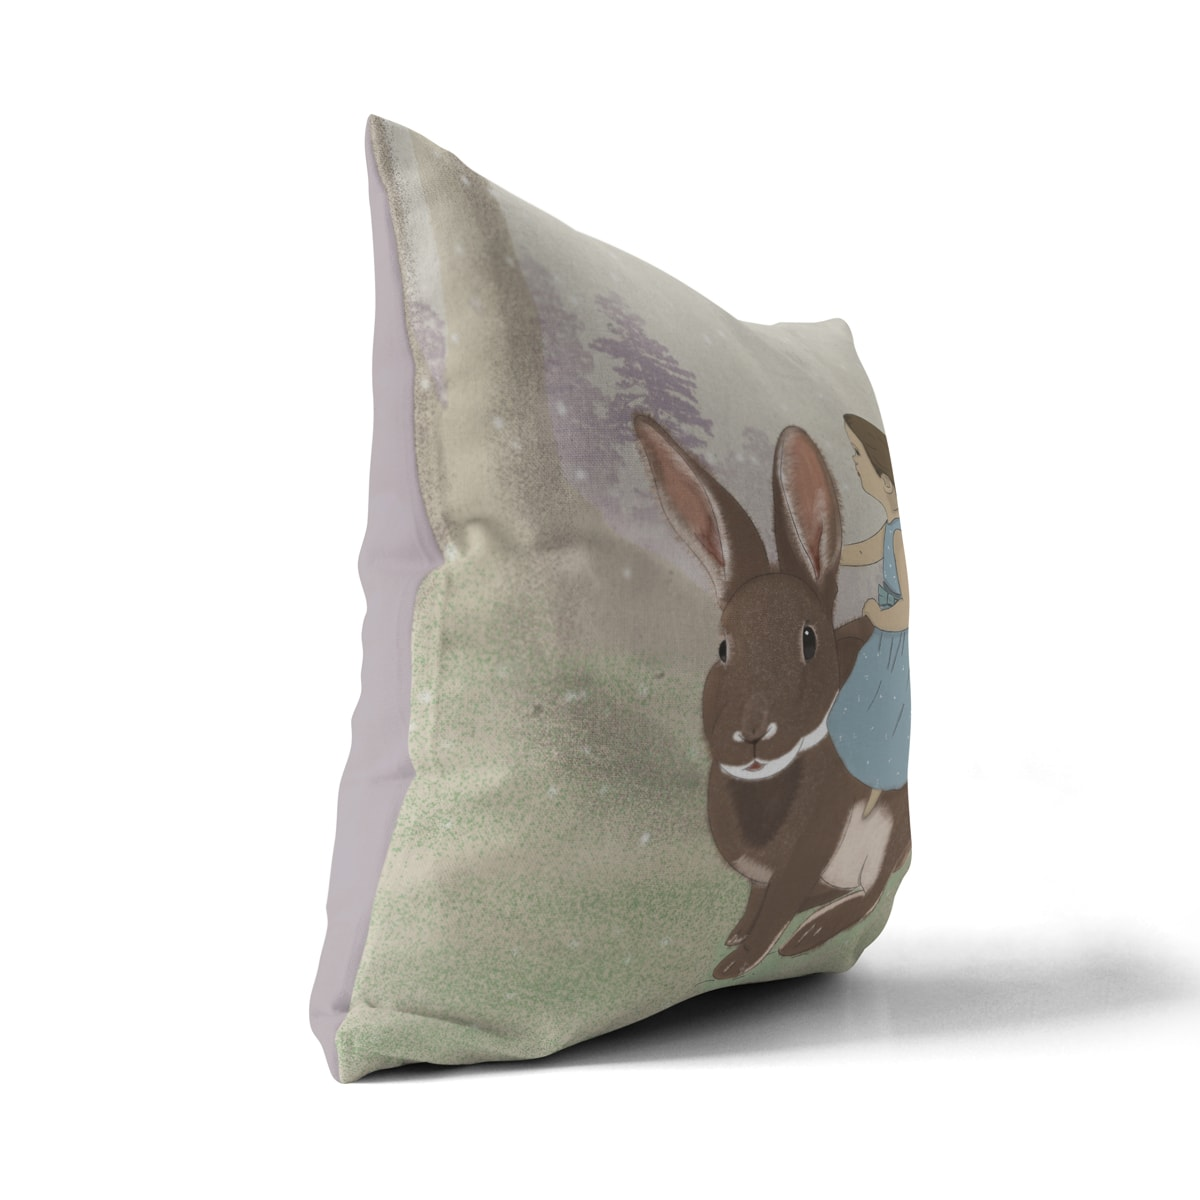 כרית נוי לחדר ילדים ילדה על ארנב